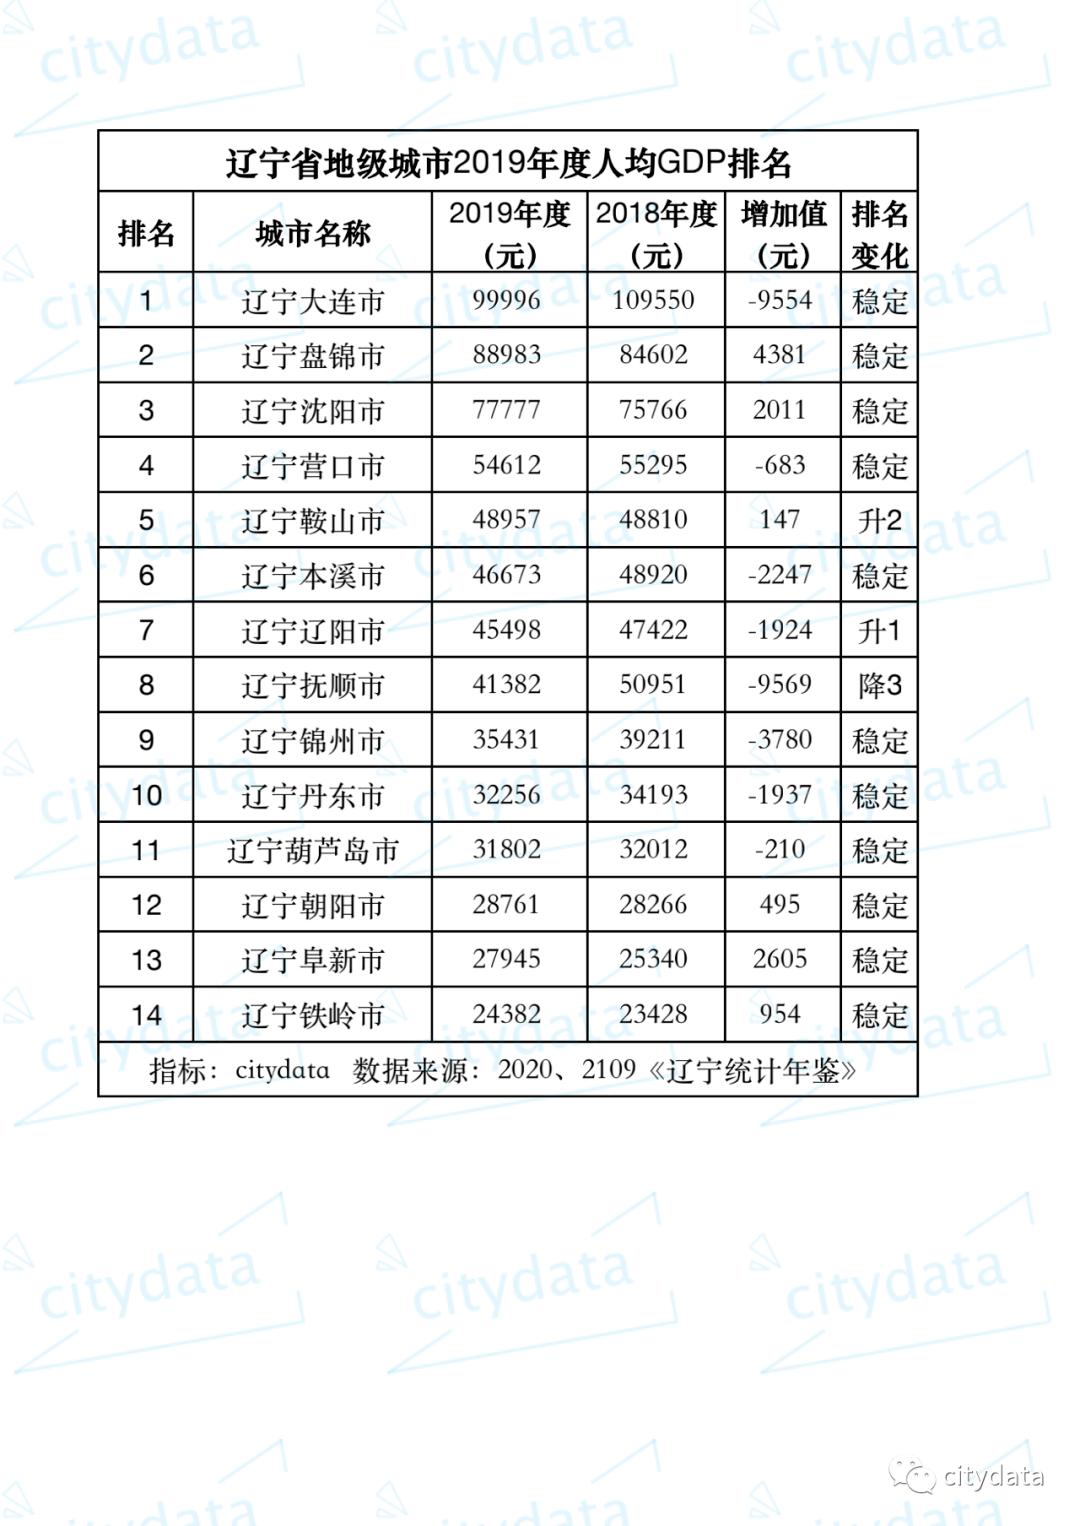 黑龙江人均gdp倒一_表情 时事述评 2019中国人均GDP超1万美元 和俄罗斯 巴西差距还有 ... 表情